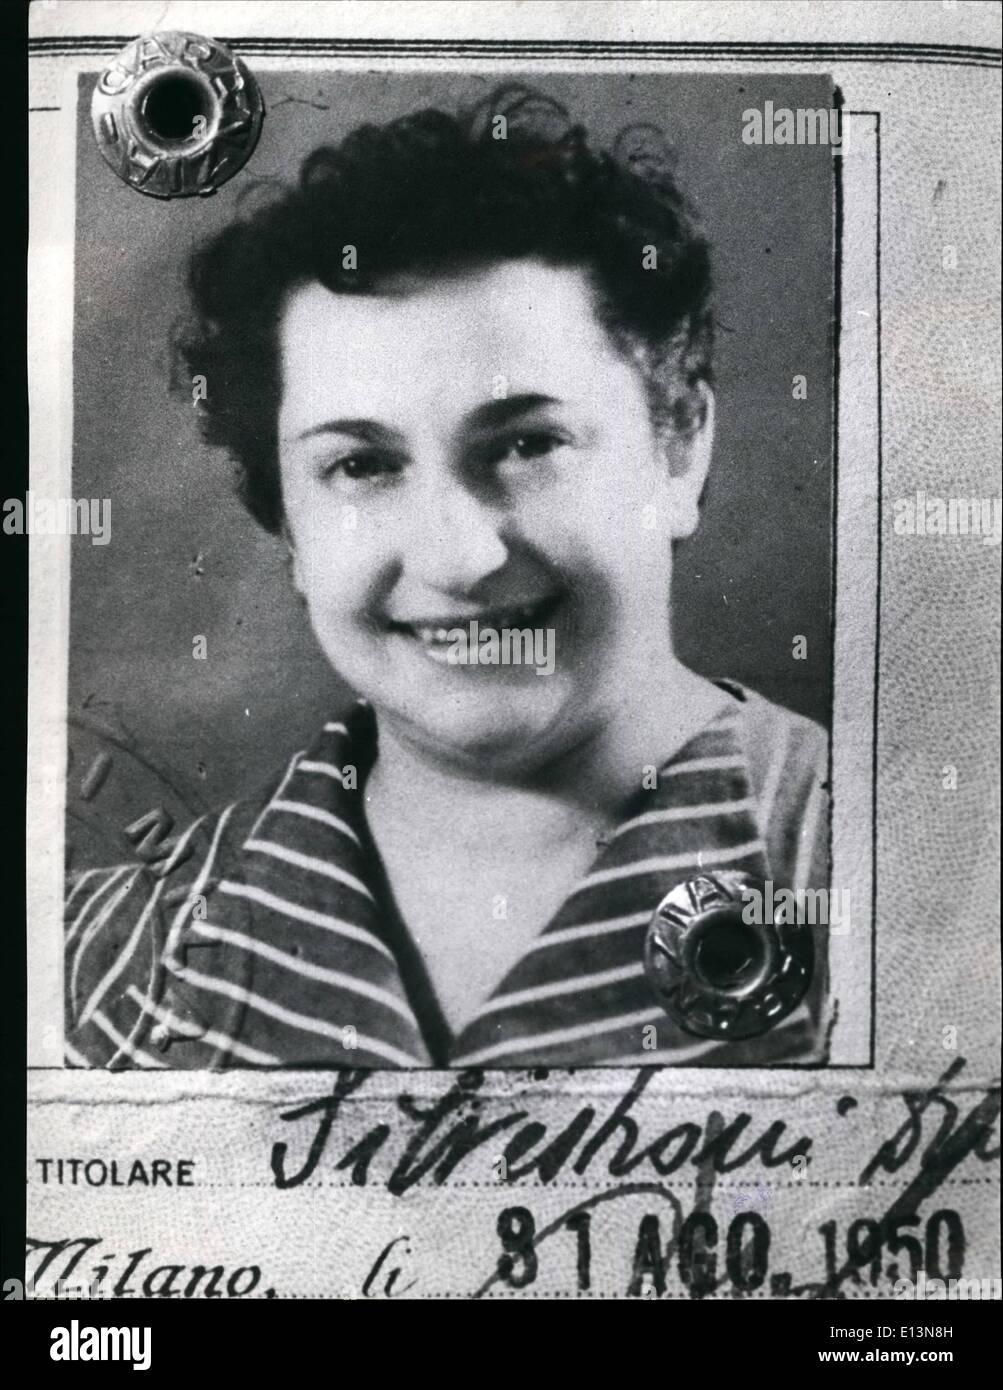 Mar 22, 2012 - Dina Silvestroni si suicidò con sua madre Laura & fratello Remo in N~ilan, 1962. Immagini Stock